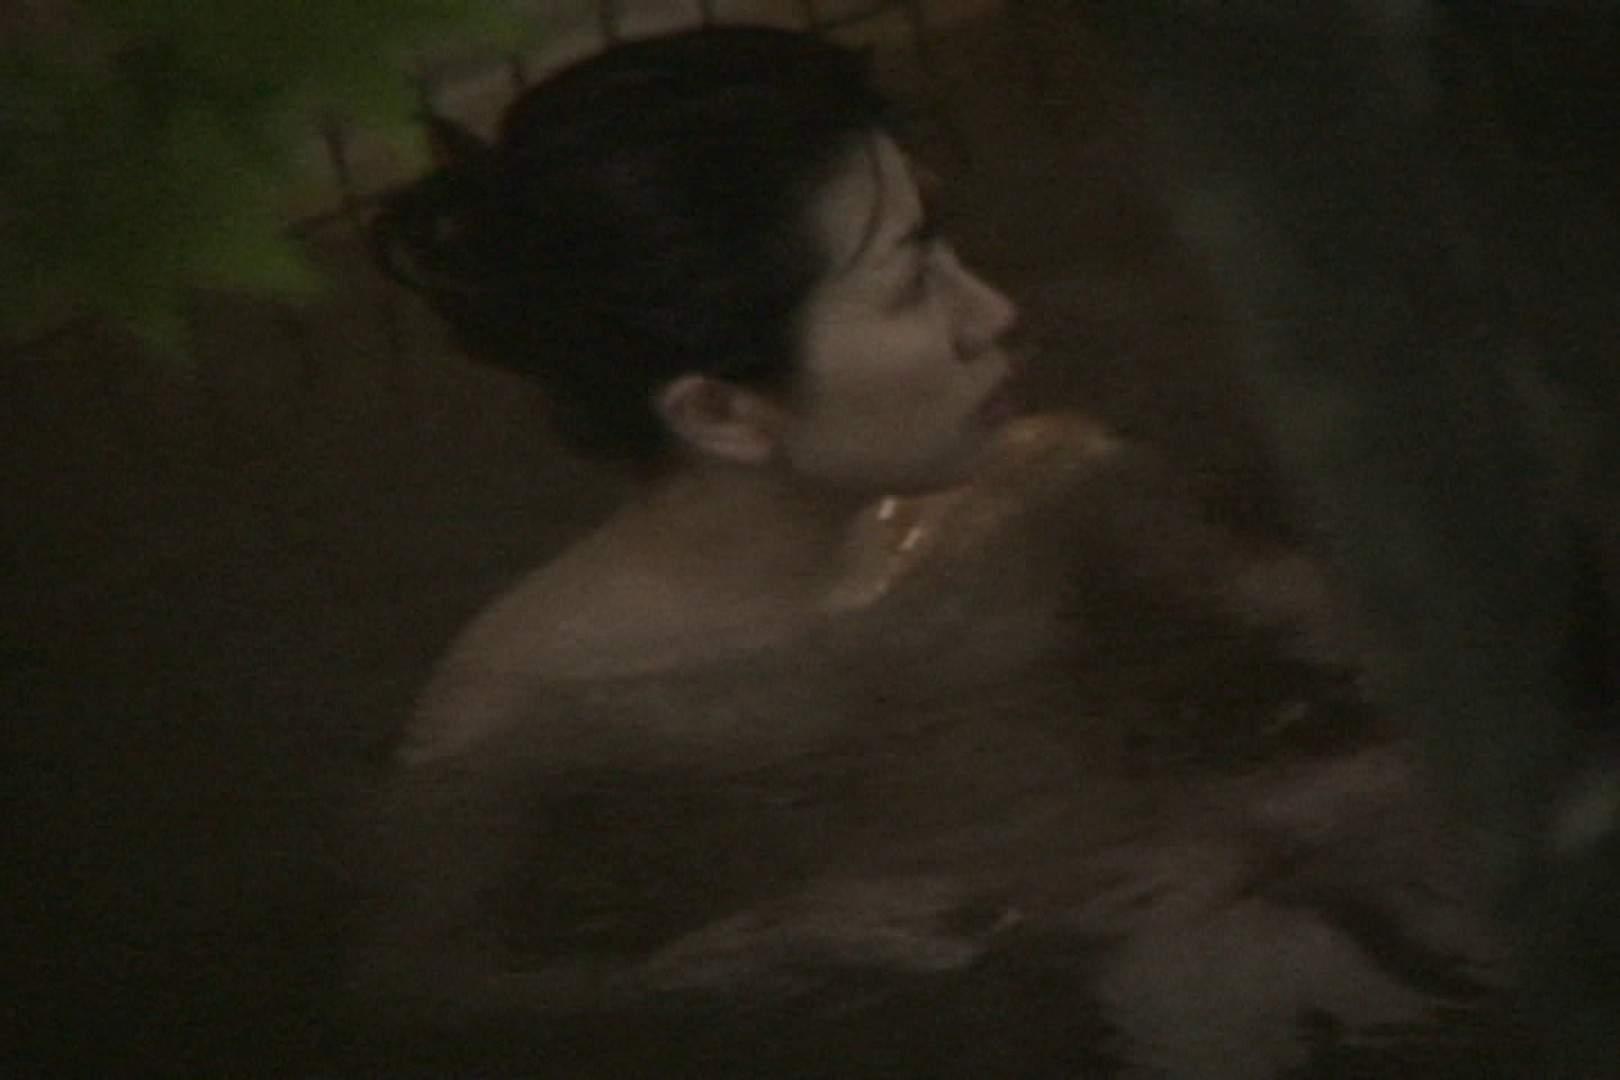 Aquaな露天風呂Vol.711 盗撮 エロ画像 81PICs 74